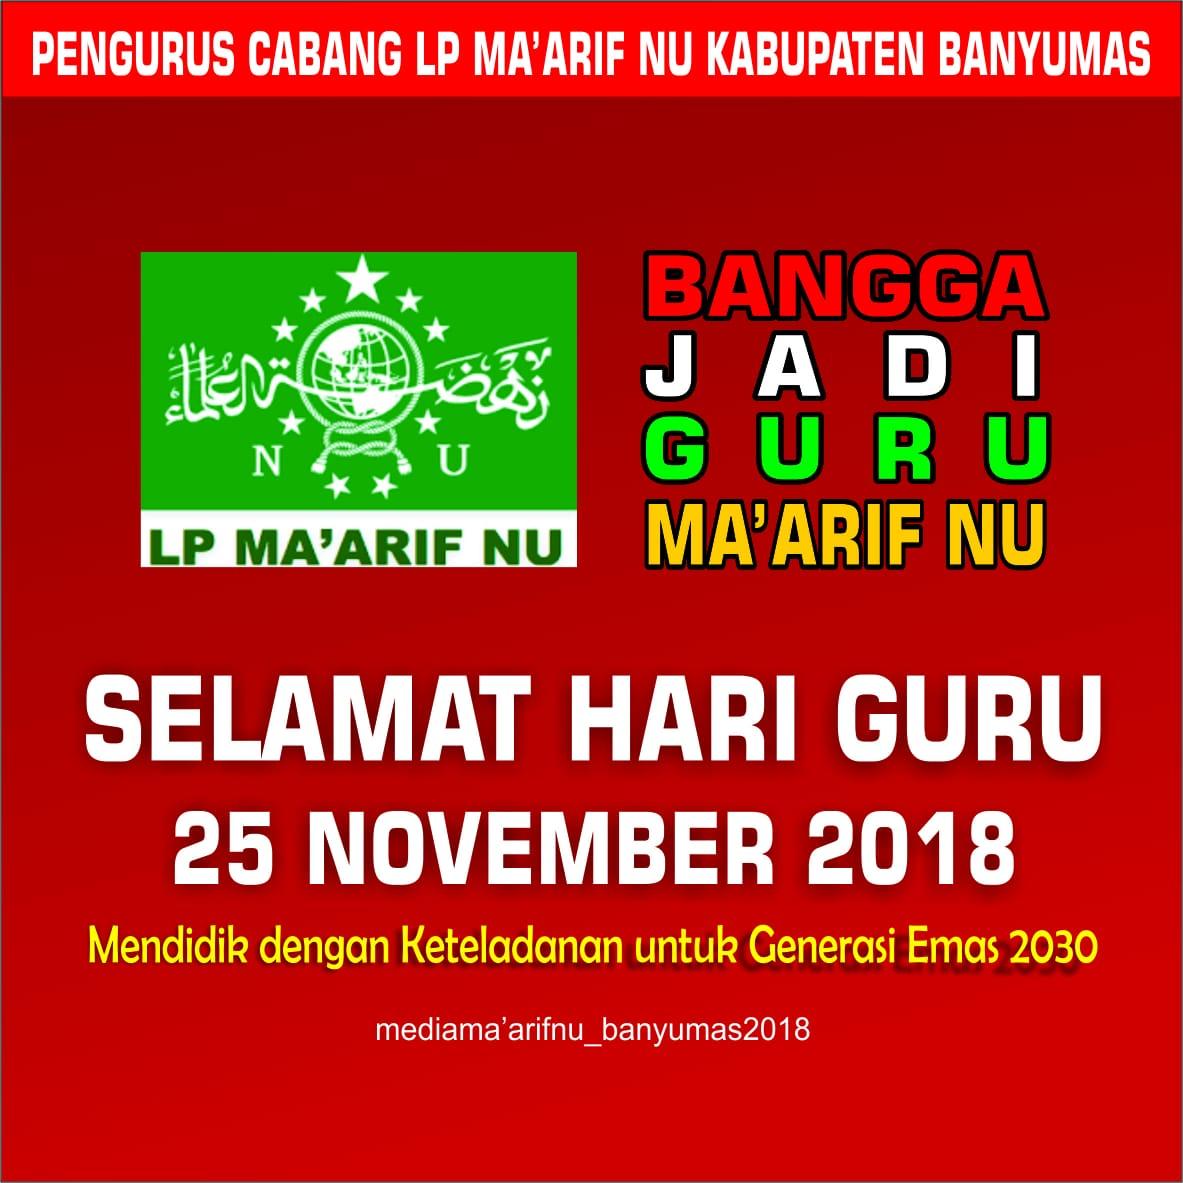 Selamat Hari Guru 25 November 2018